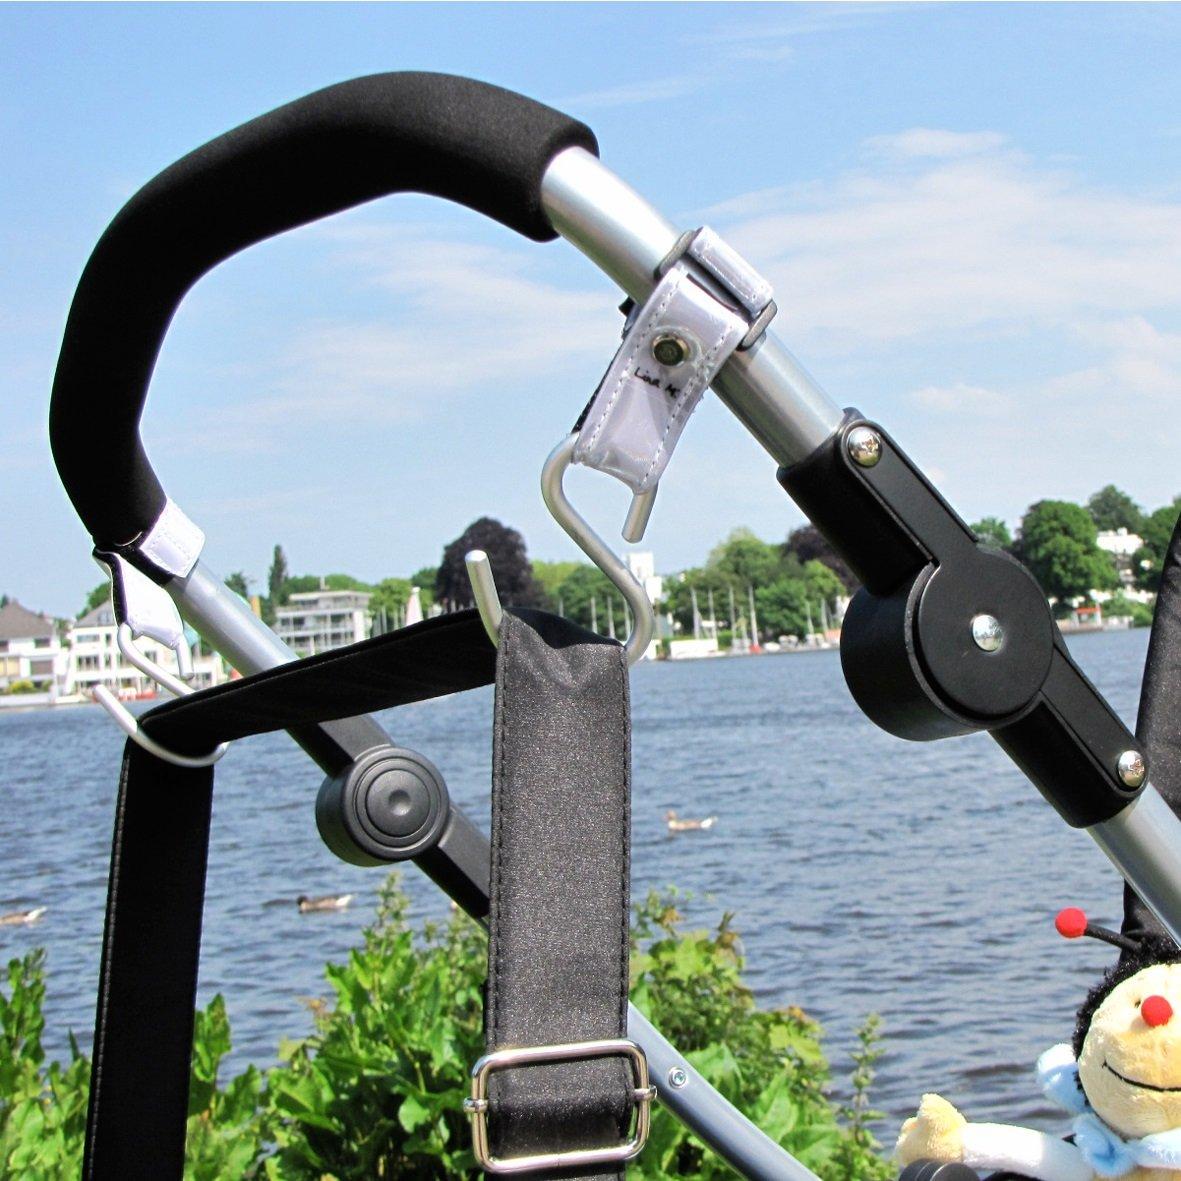 Ganchos para carritos de paseo, reflexivo, 2 unidades